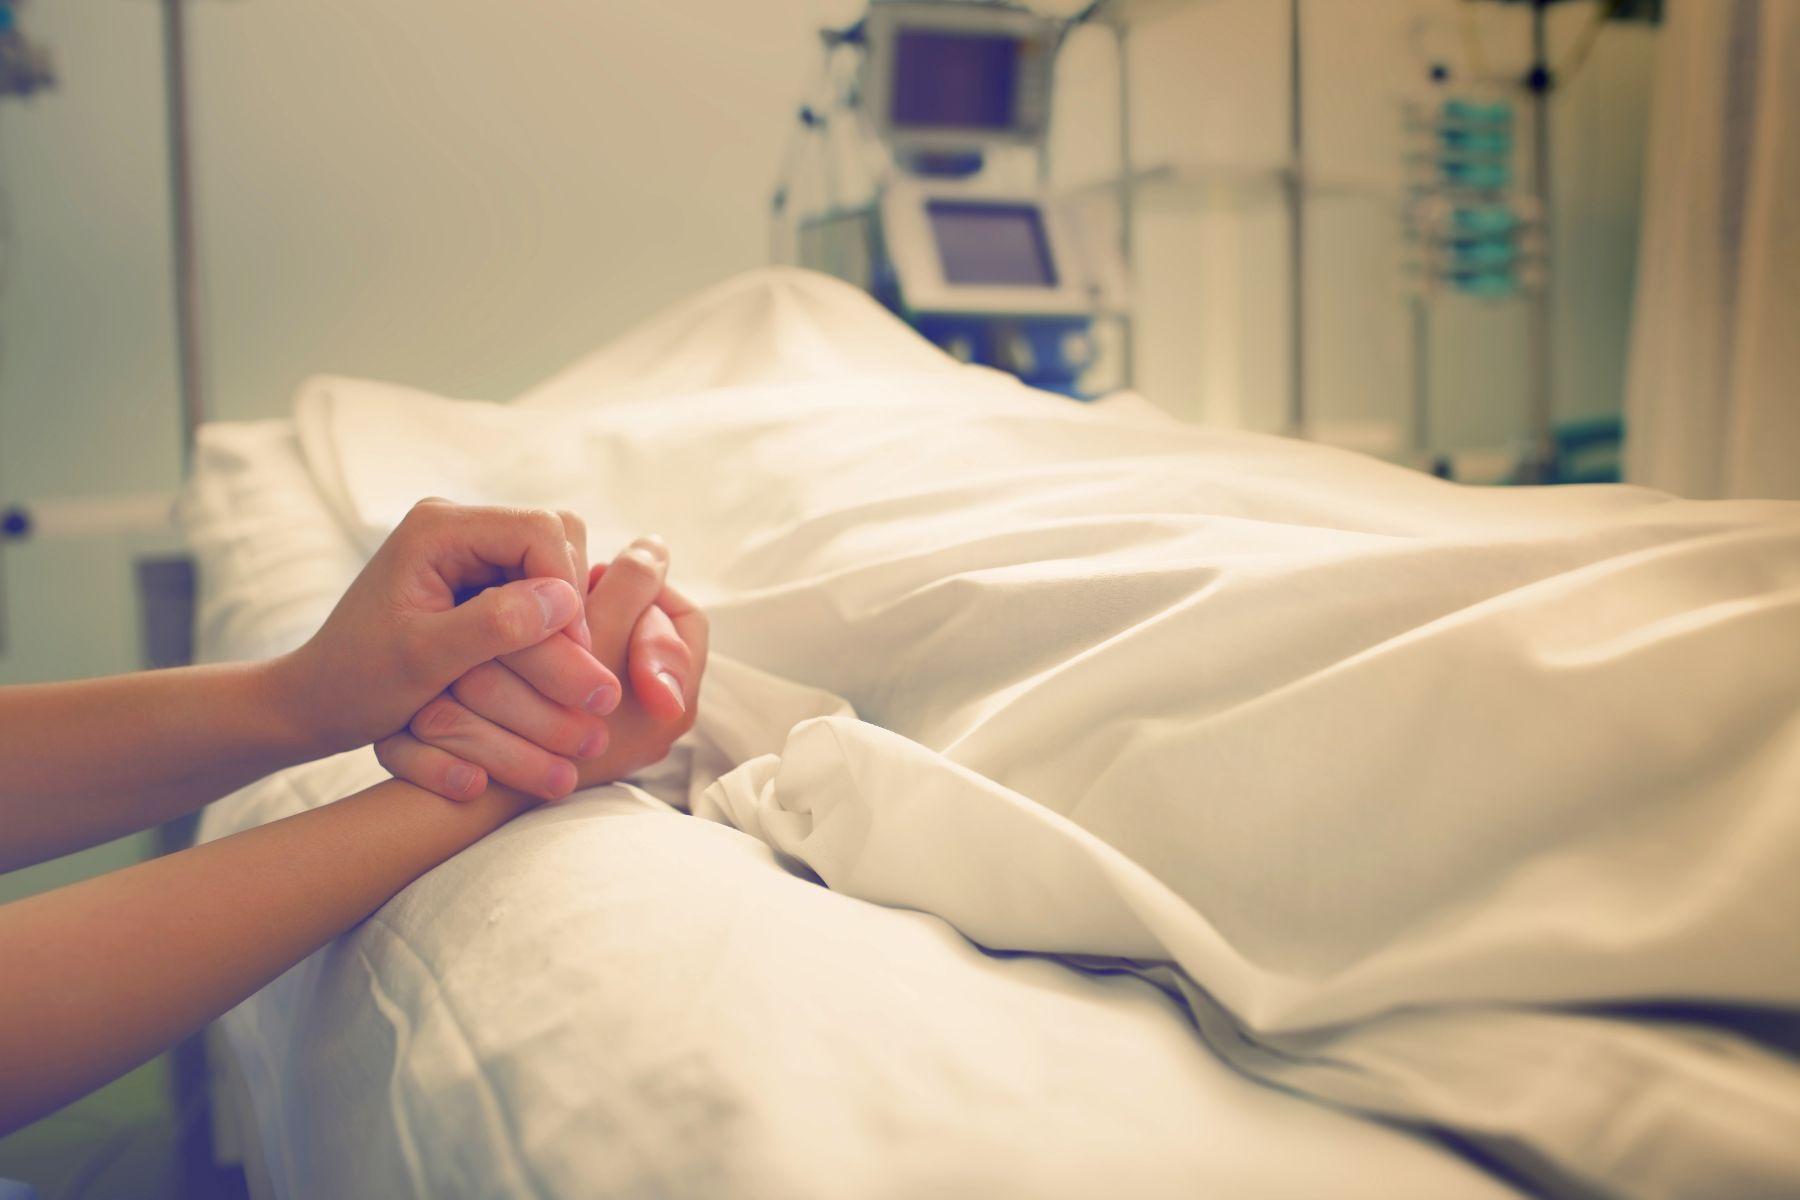 他人已死,親屬卻不簽死亡證明...竟因財產還沒轉移完!4例子警惕我們:如果病人是你的家人,你該怎麼辦?